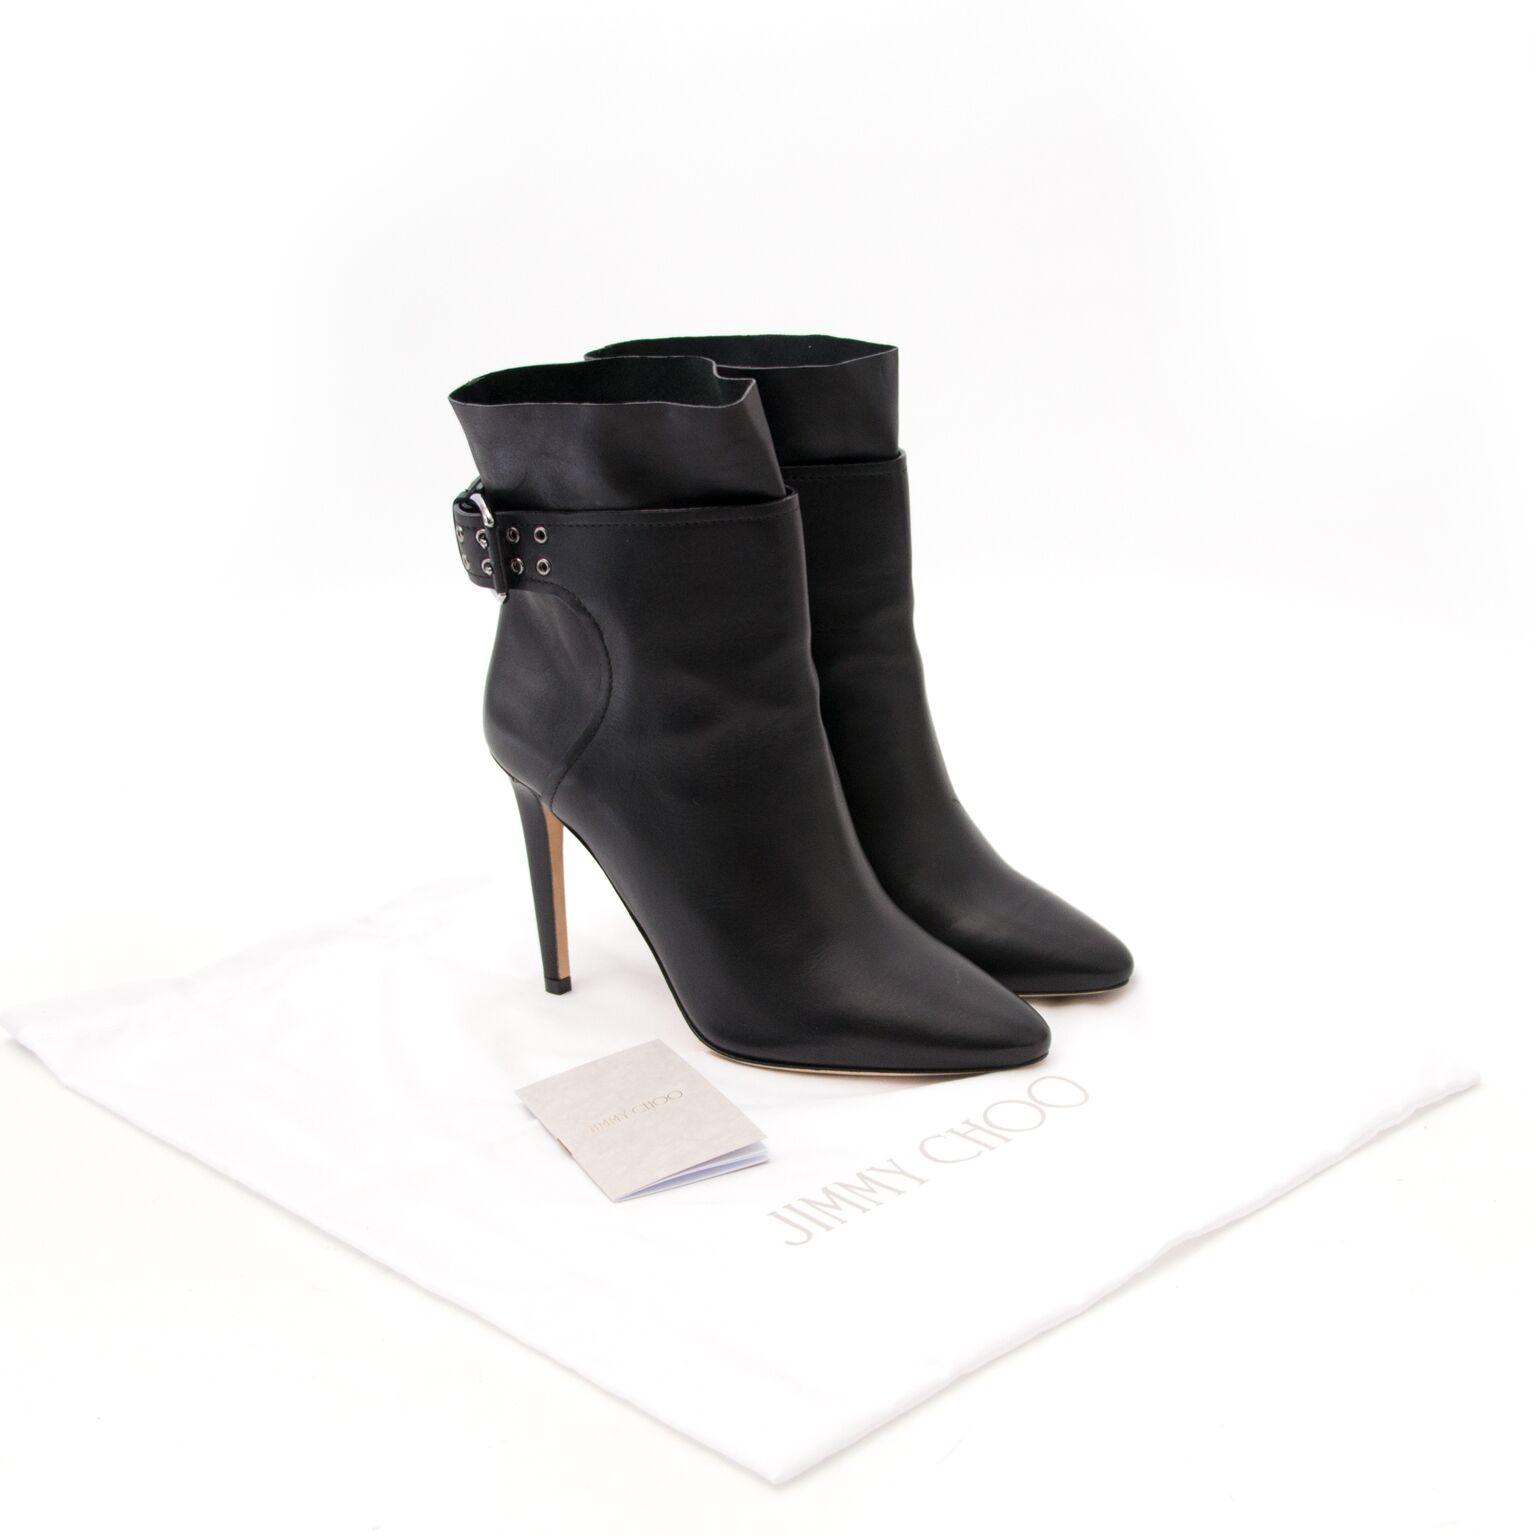 achetez maintenant des bottes de jimmy choo chez labellov.com